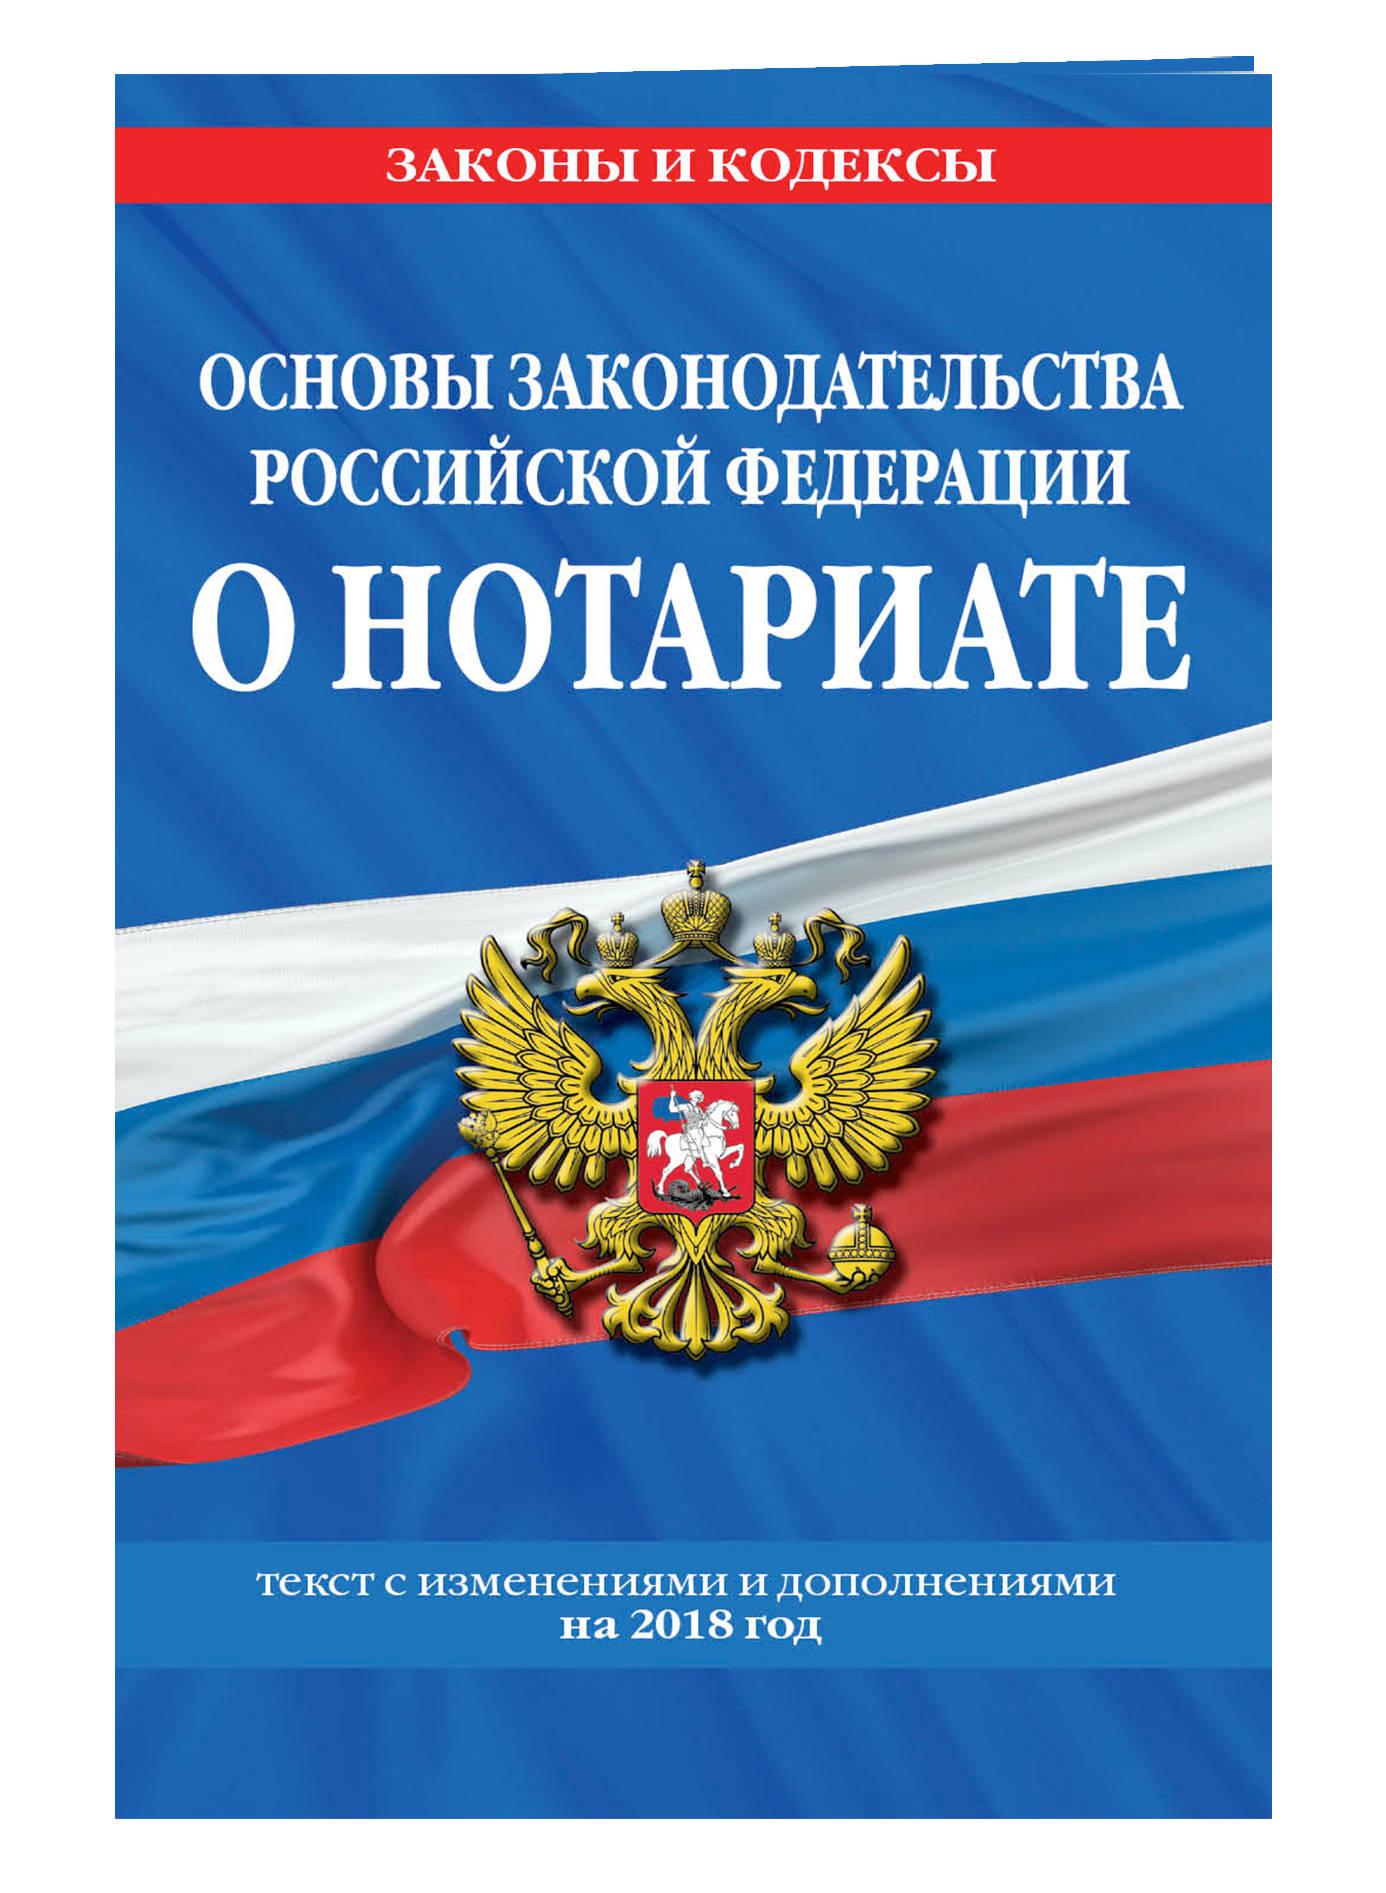 Основы законодательства Российской Федерации о нотариате: текст с посл. изм. и доп. на 2018 г. проект закона о нотариате с пояснениями